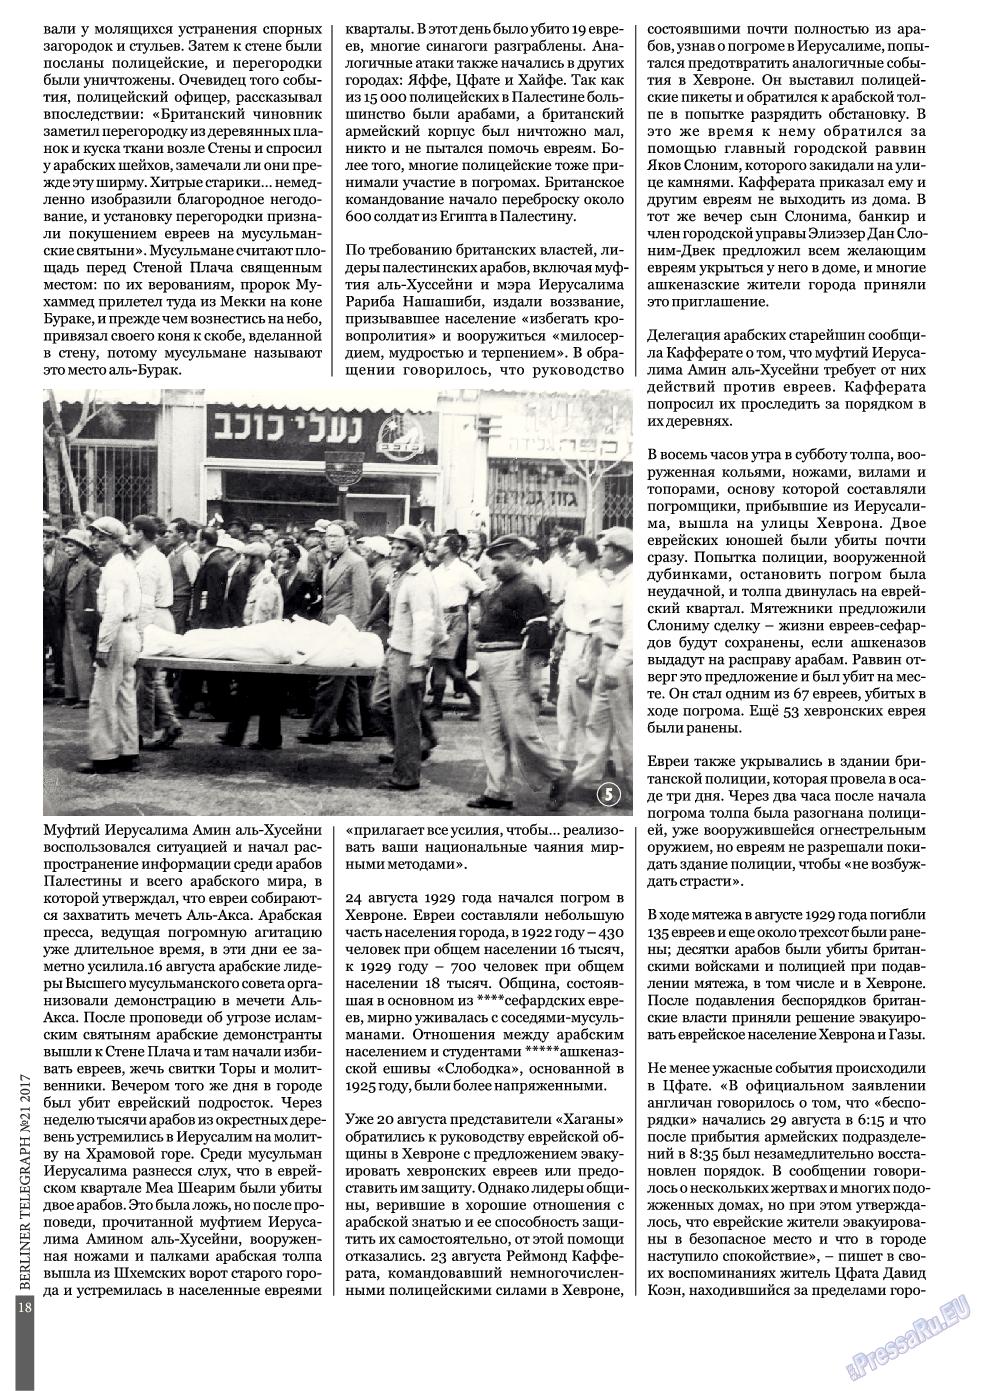 Берлинский телеграф (журнал). 2017 год, номер 21, стр. 18